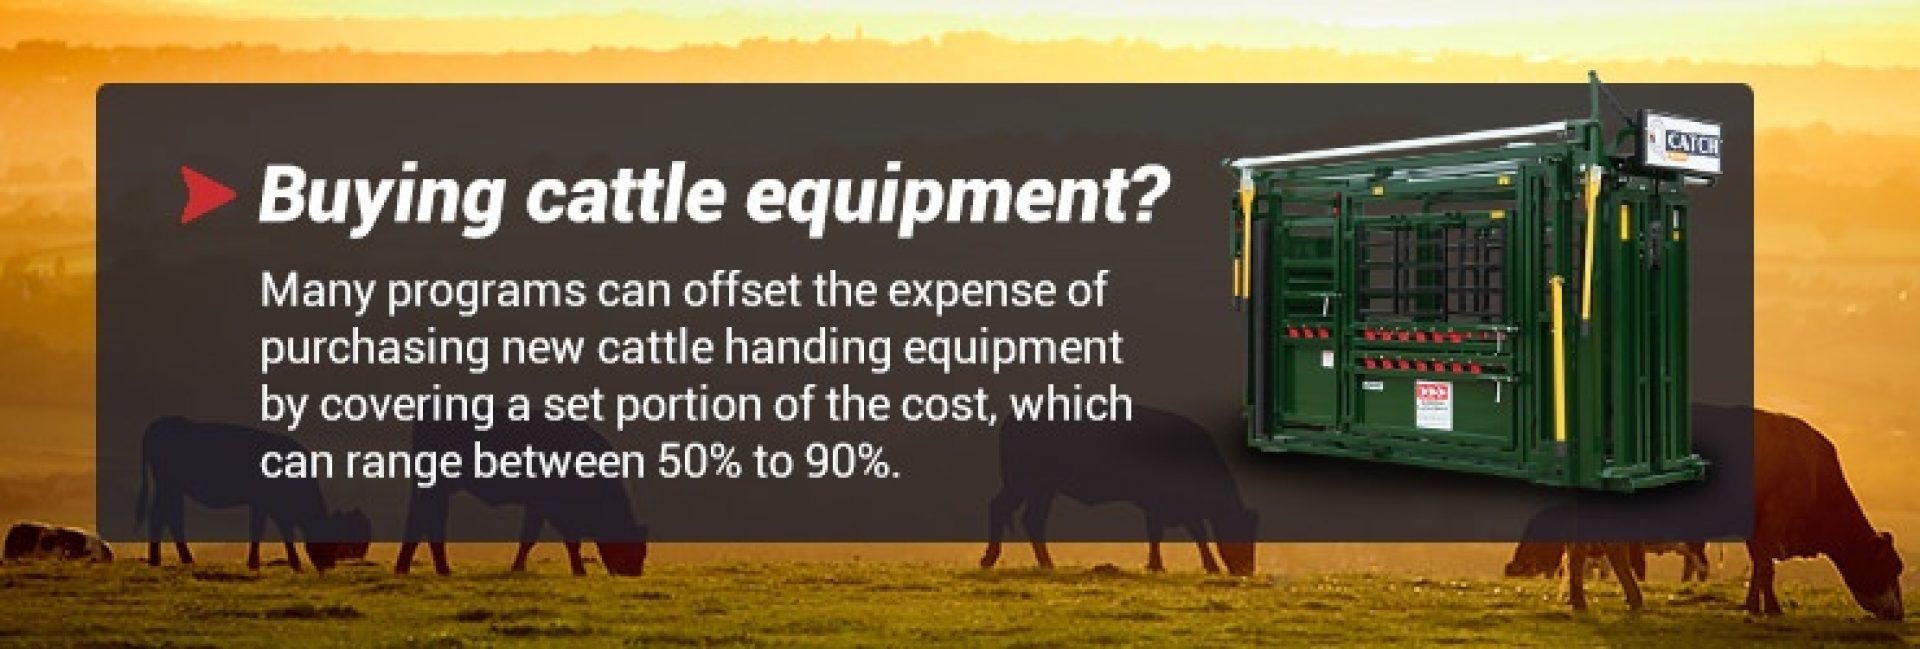 Cattle Equipment Reimbursement